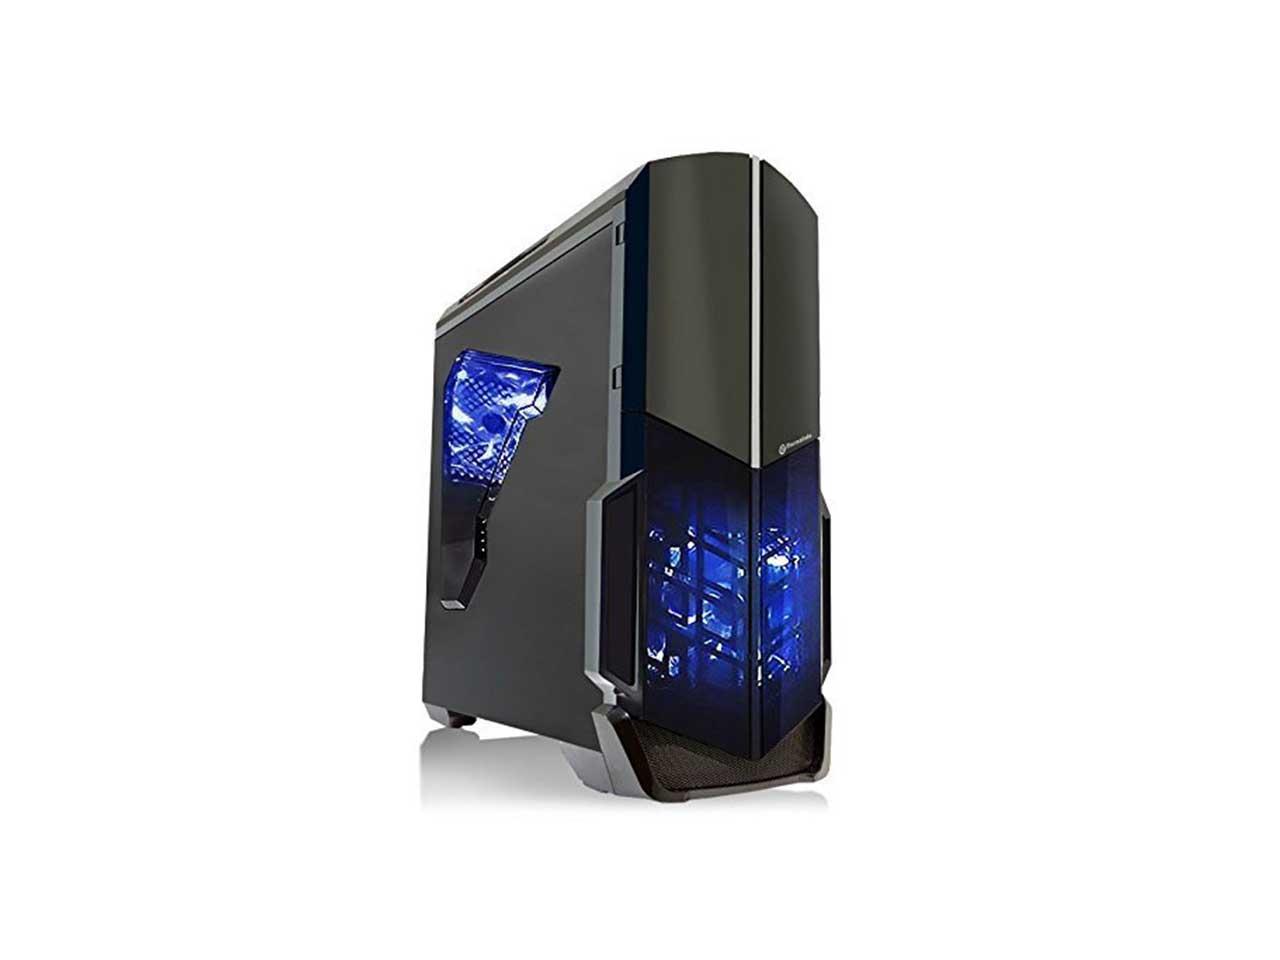 SkyTech Shadow GTX 1050 Gaming Computer Desktop PC